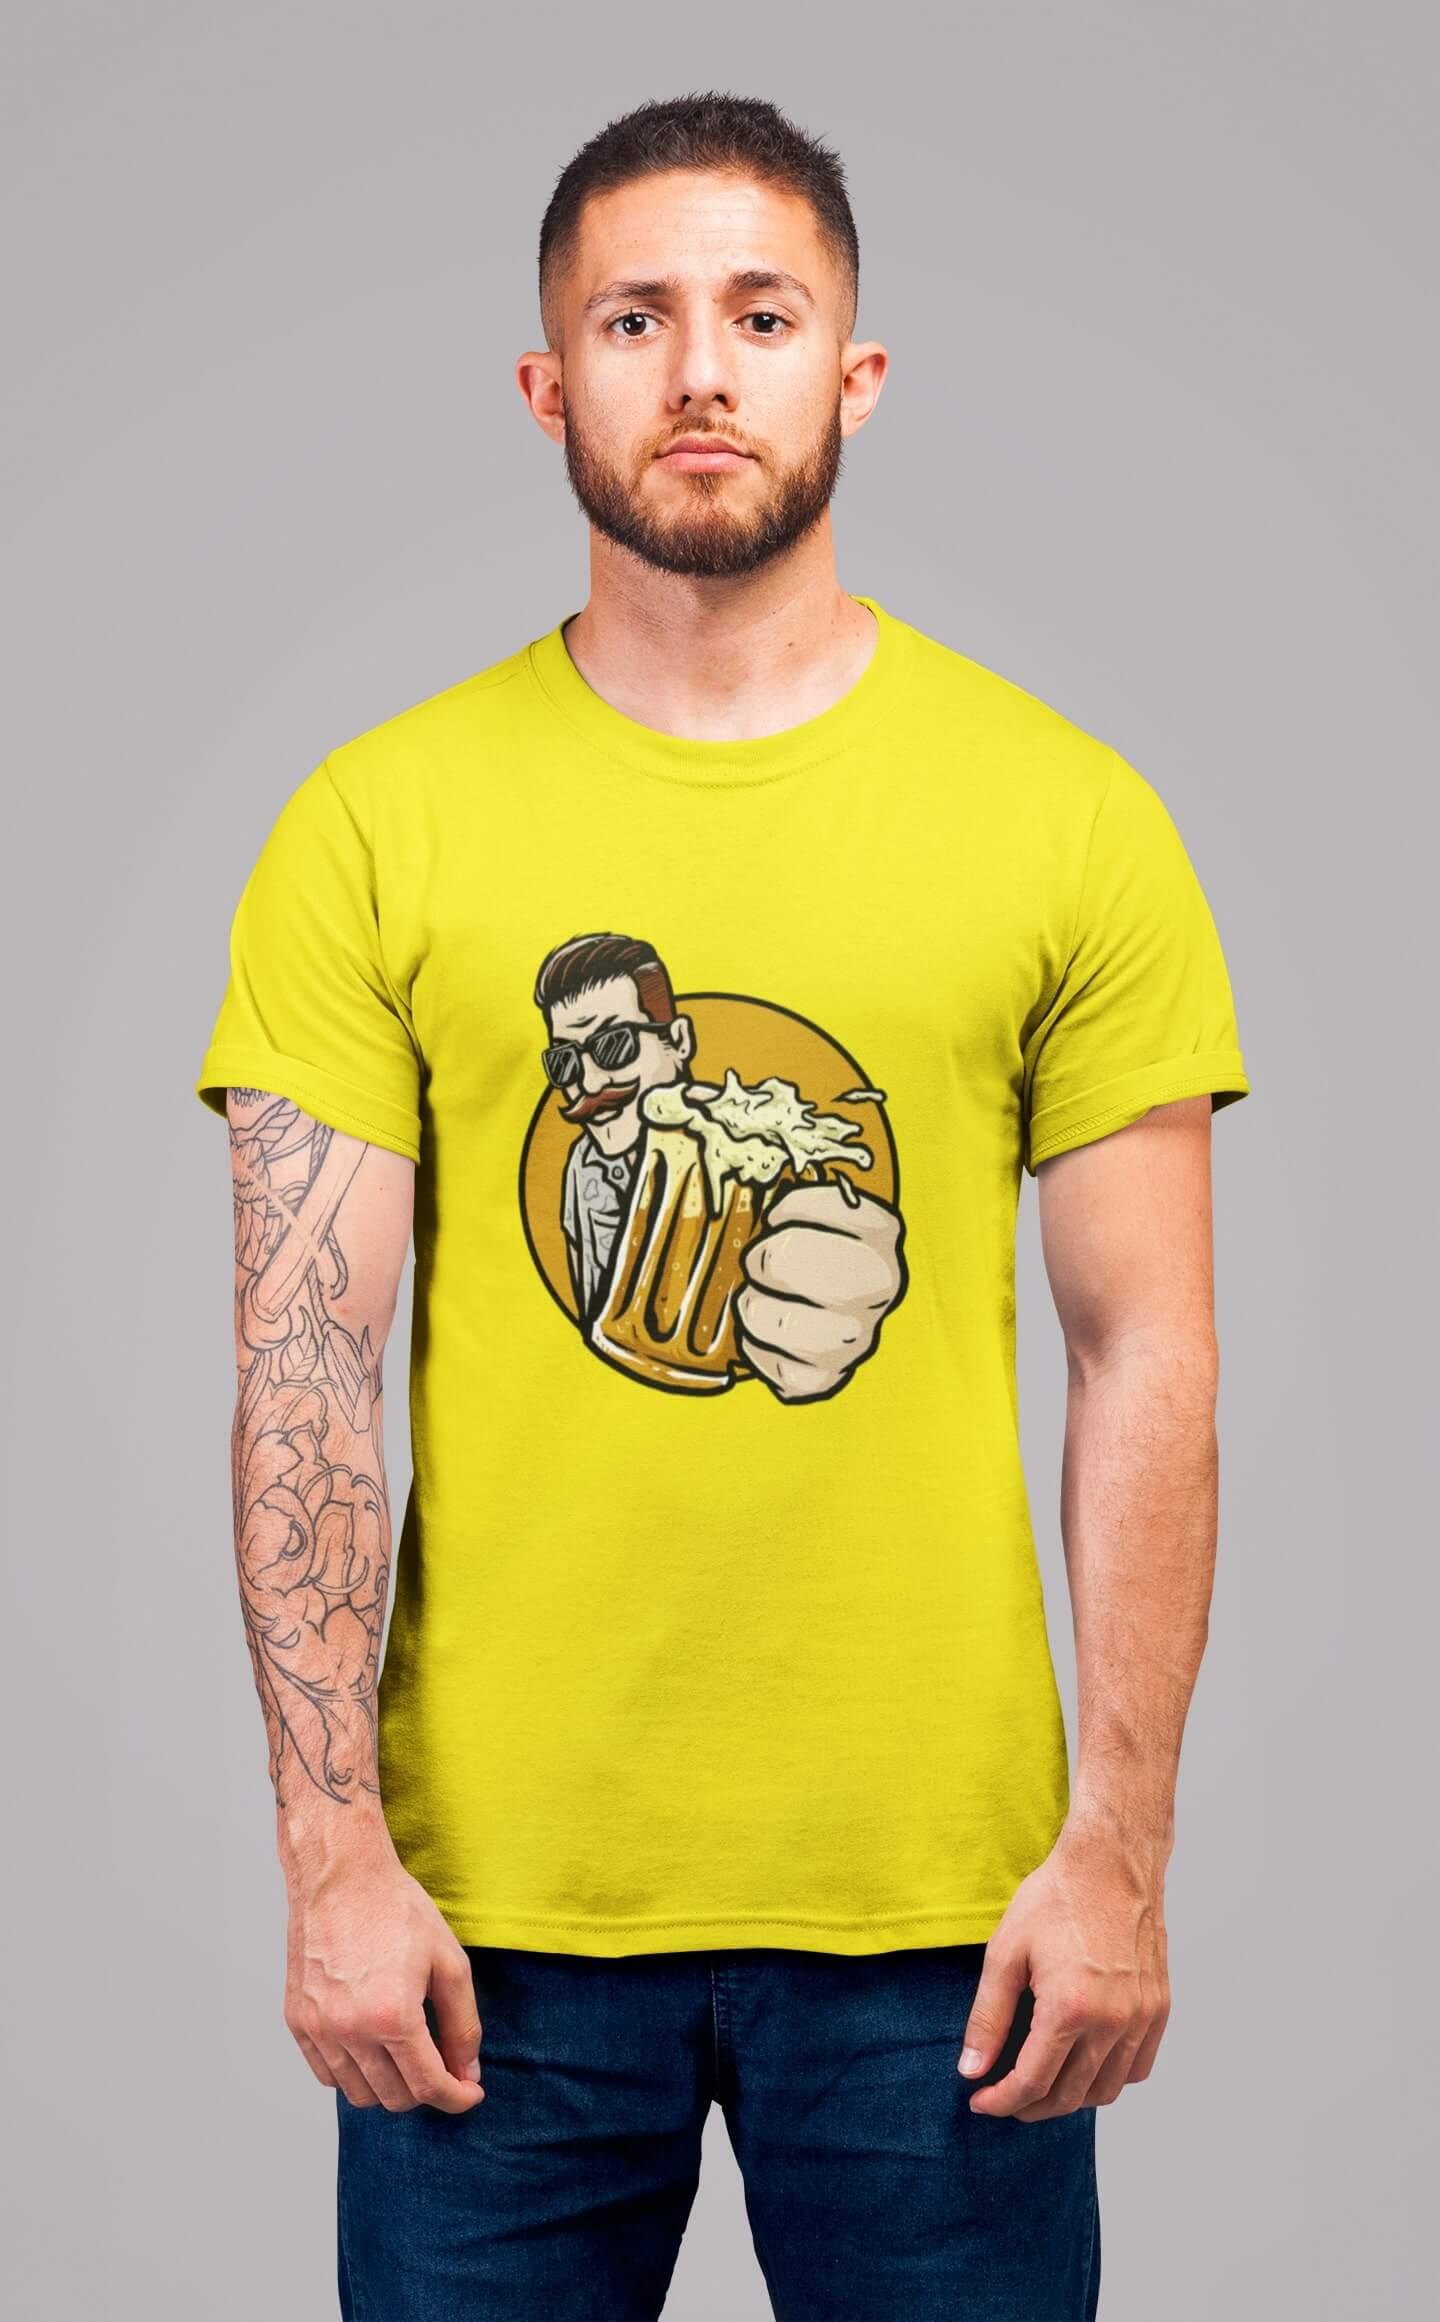 MMO Pánske tričko Chlap s pivom v ruke Vyberte farbu: Citrónová, Vyberte veľkosť: L